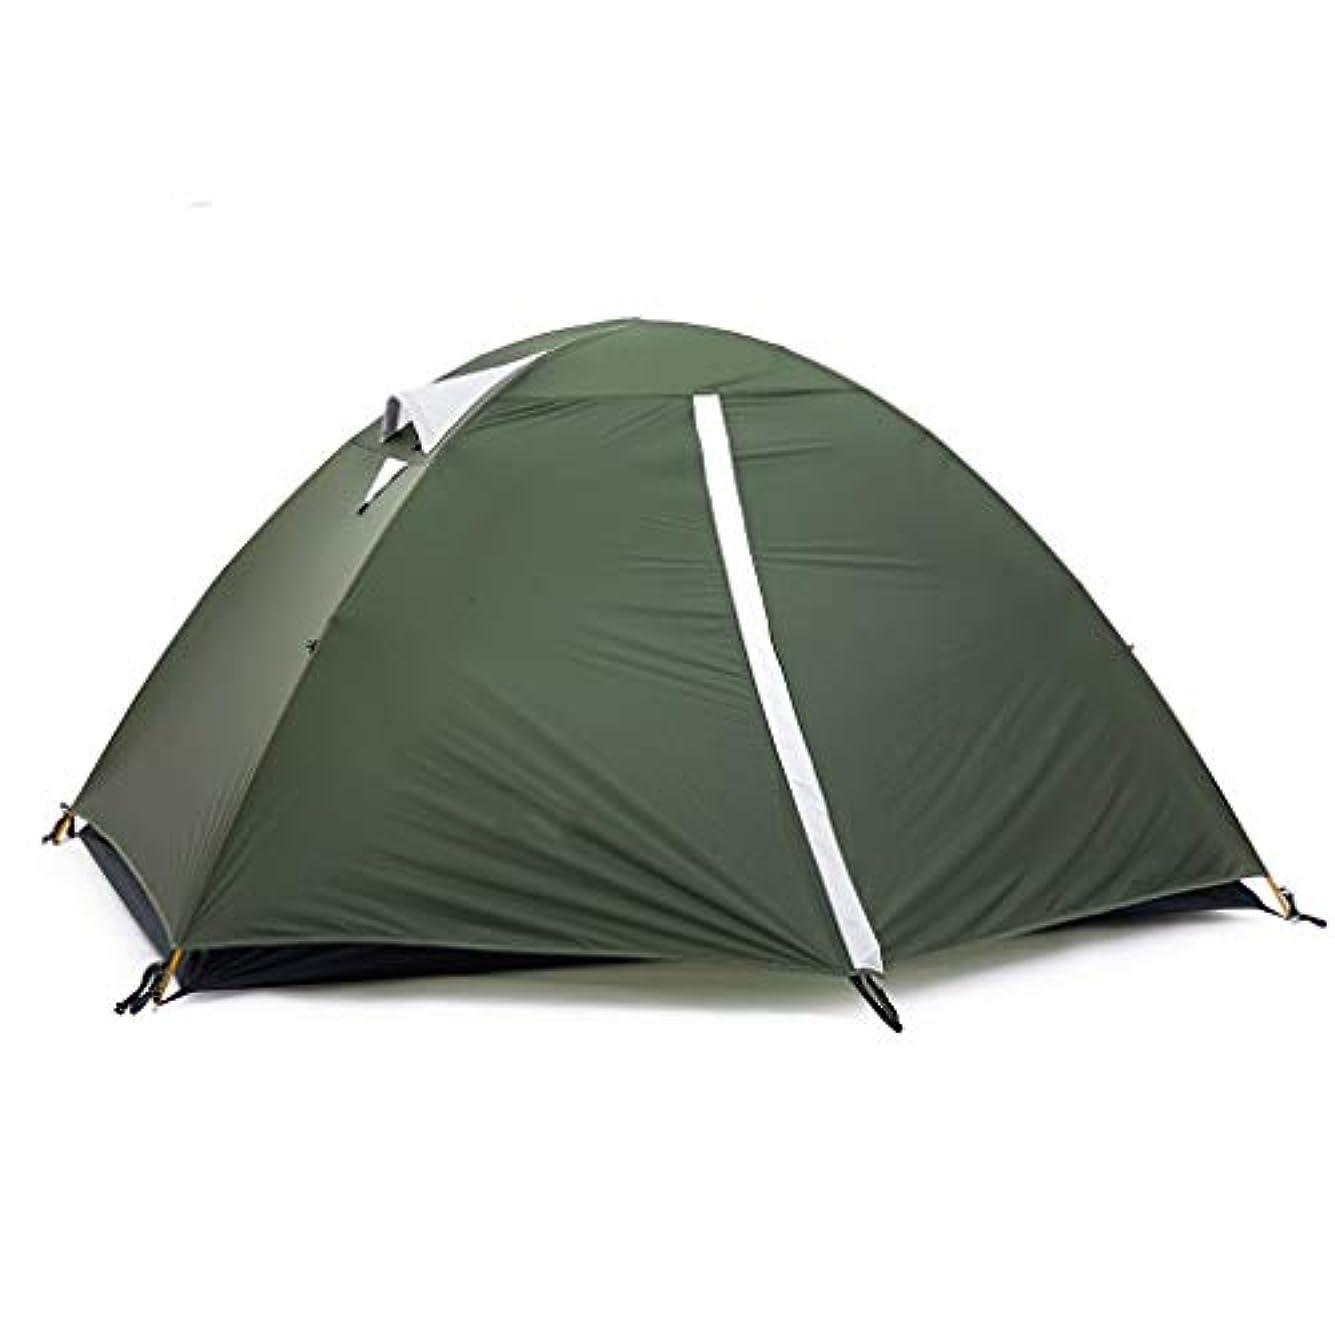 ニュース発生器トロリーYONGFEIhun アウトドアテント、ワイルドマウンテンキャンプキャンプテント、アルミテント大スペース、2人カップル